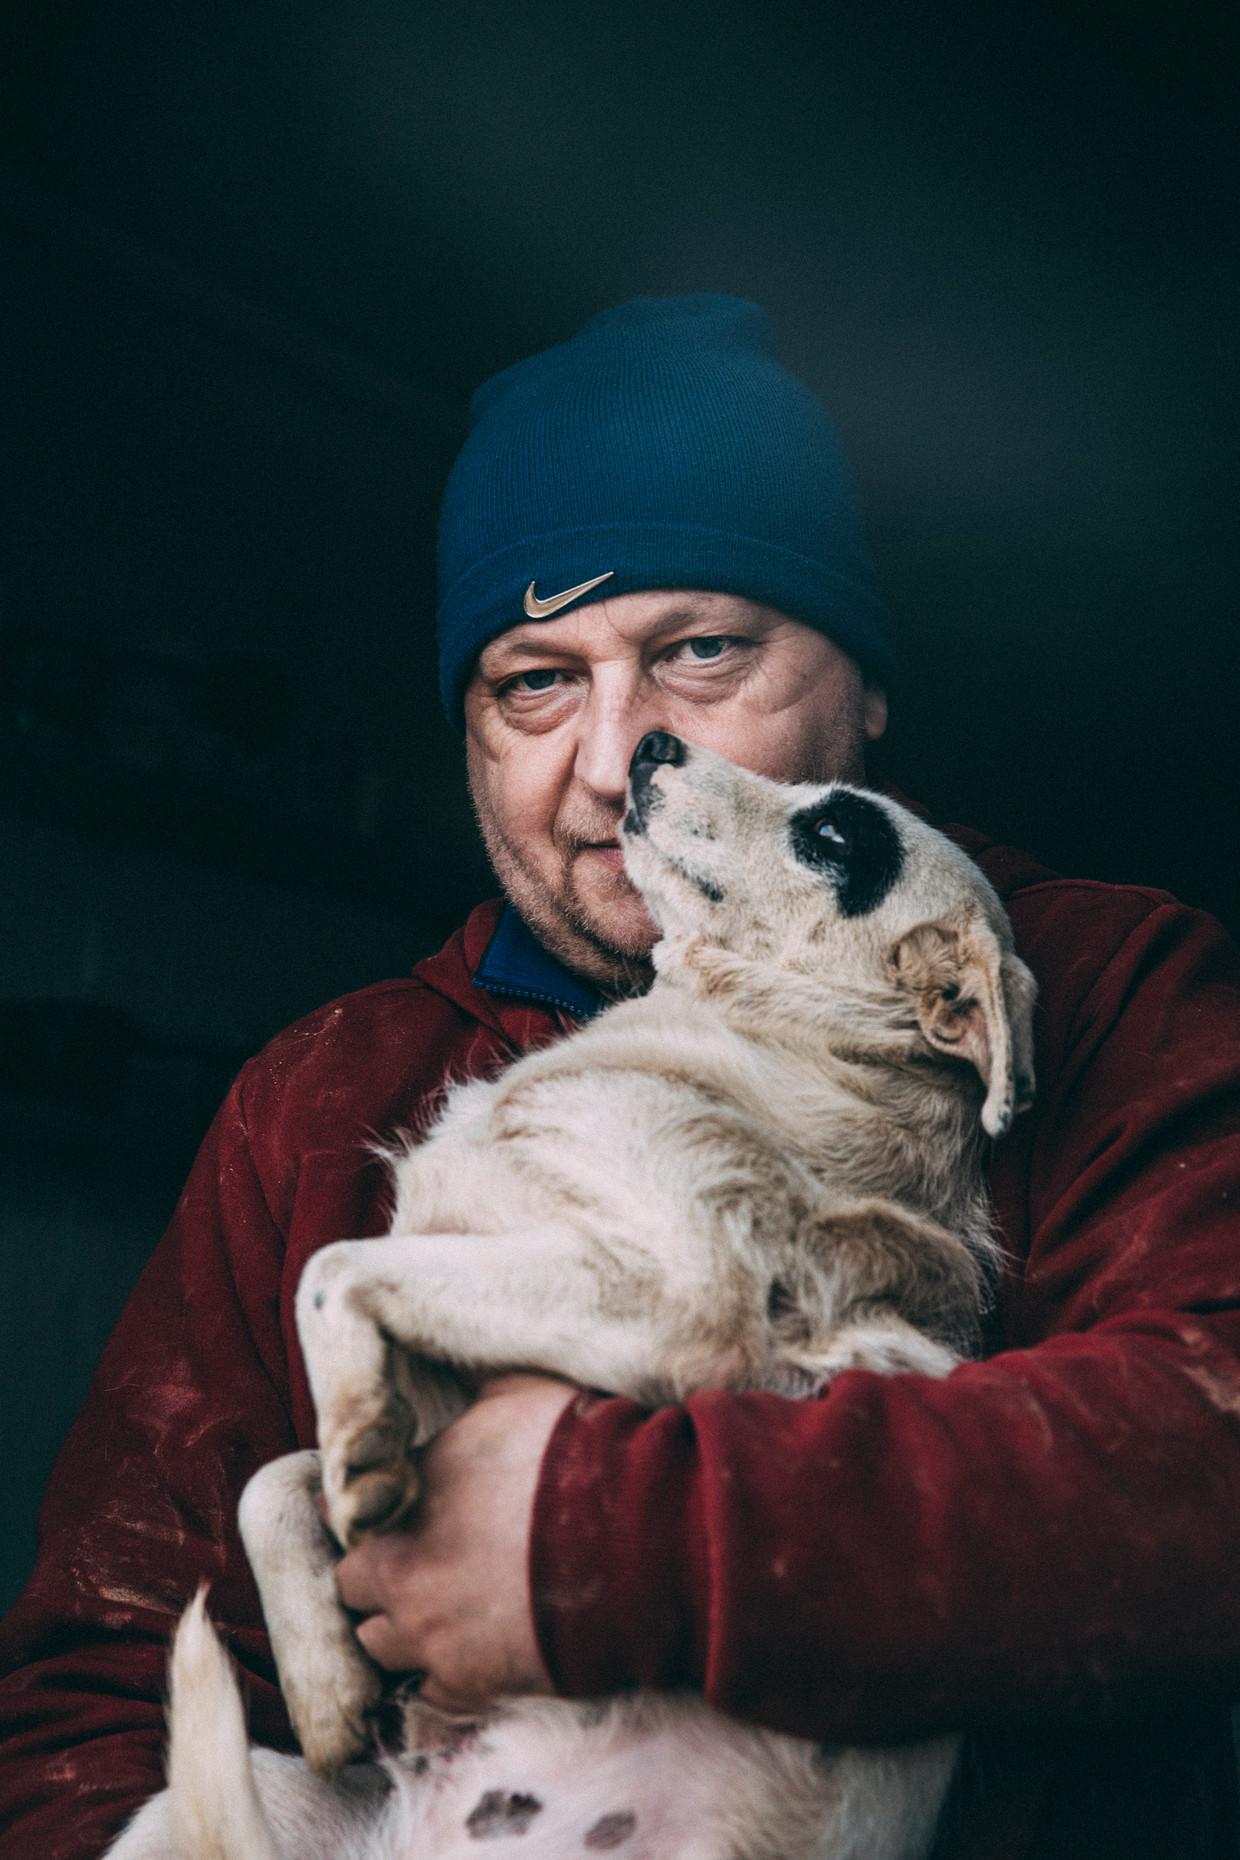 Dejan Gacic is de oprichter van het Vucjak Shelter nabij de Servische provinciestad Kragujevac. Met ruim negenhonderd zwerfhonden is het een van de grootste hondenasiels van Oost-Europa. Beeld Marlena Waldthausen